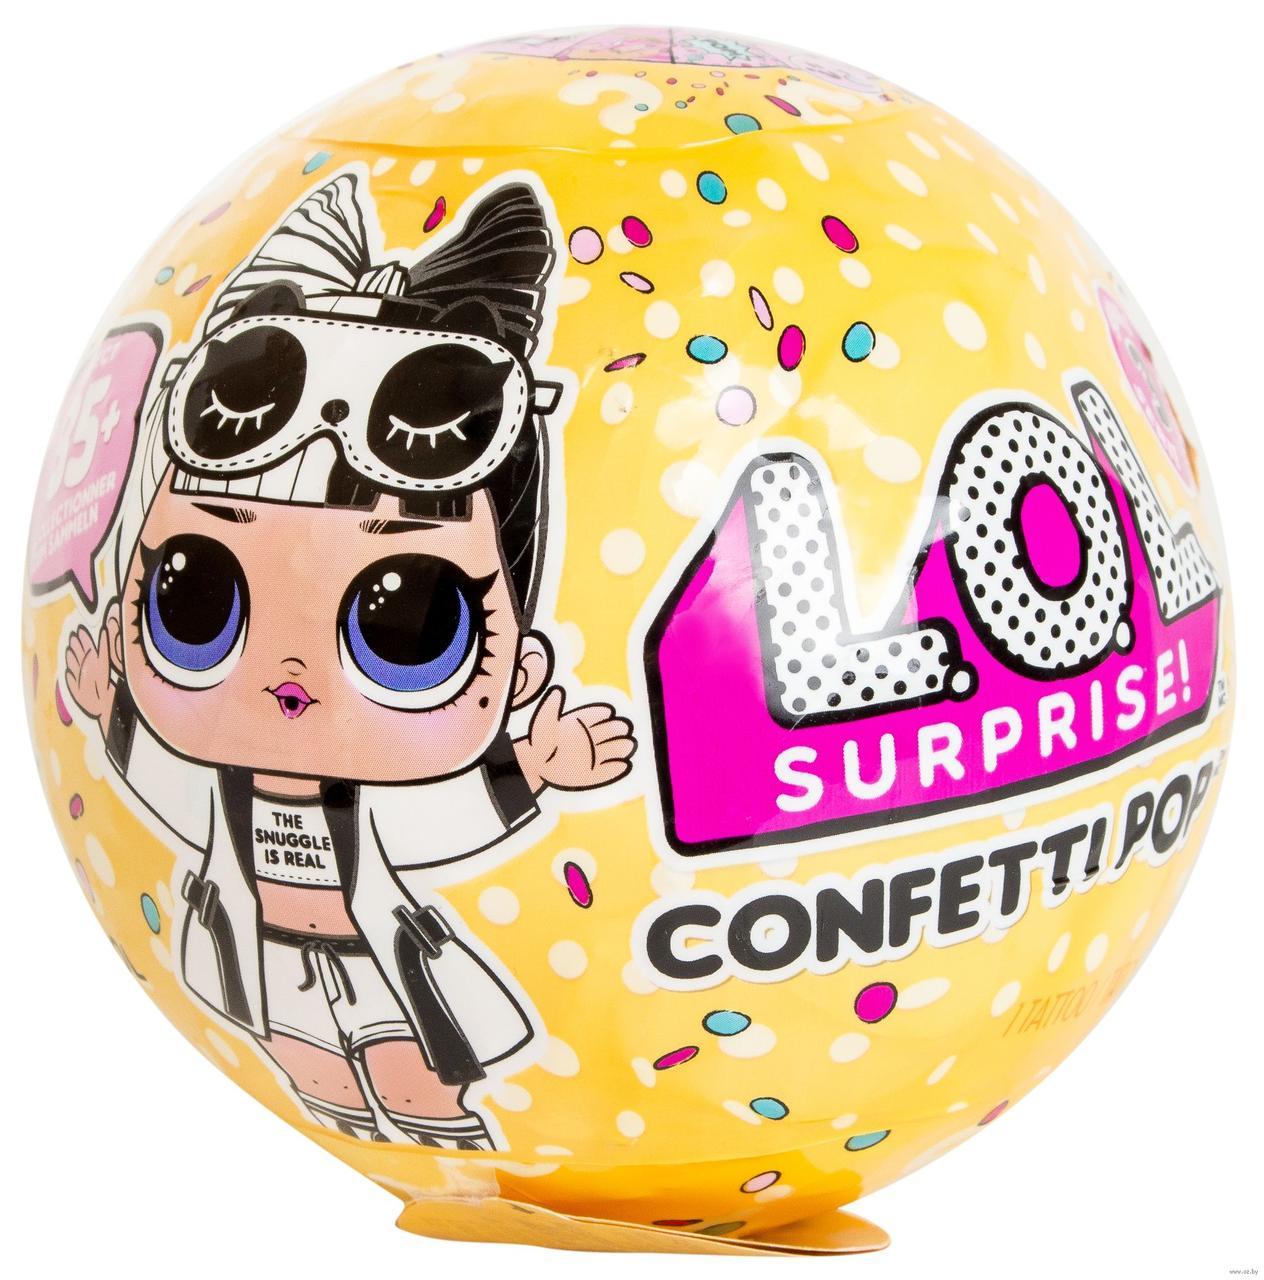 L. O. L сюрприз Конфети поп Confetti POP